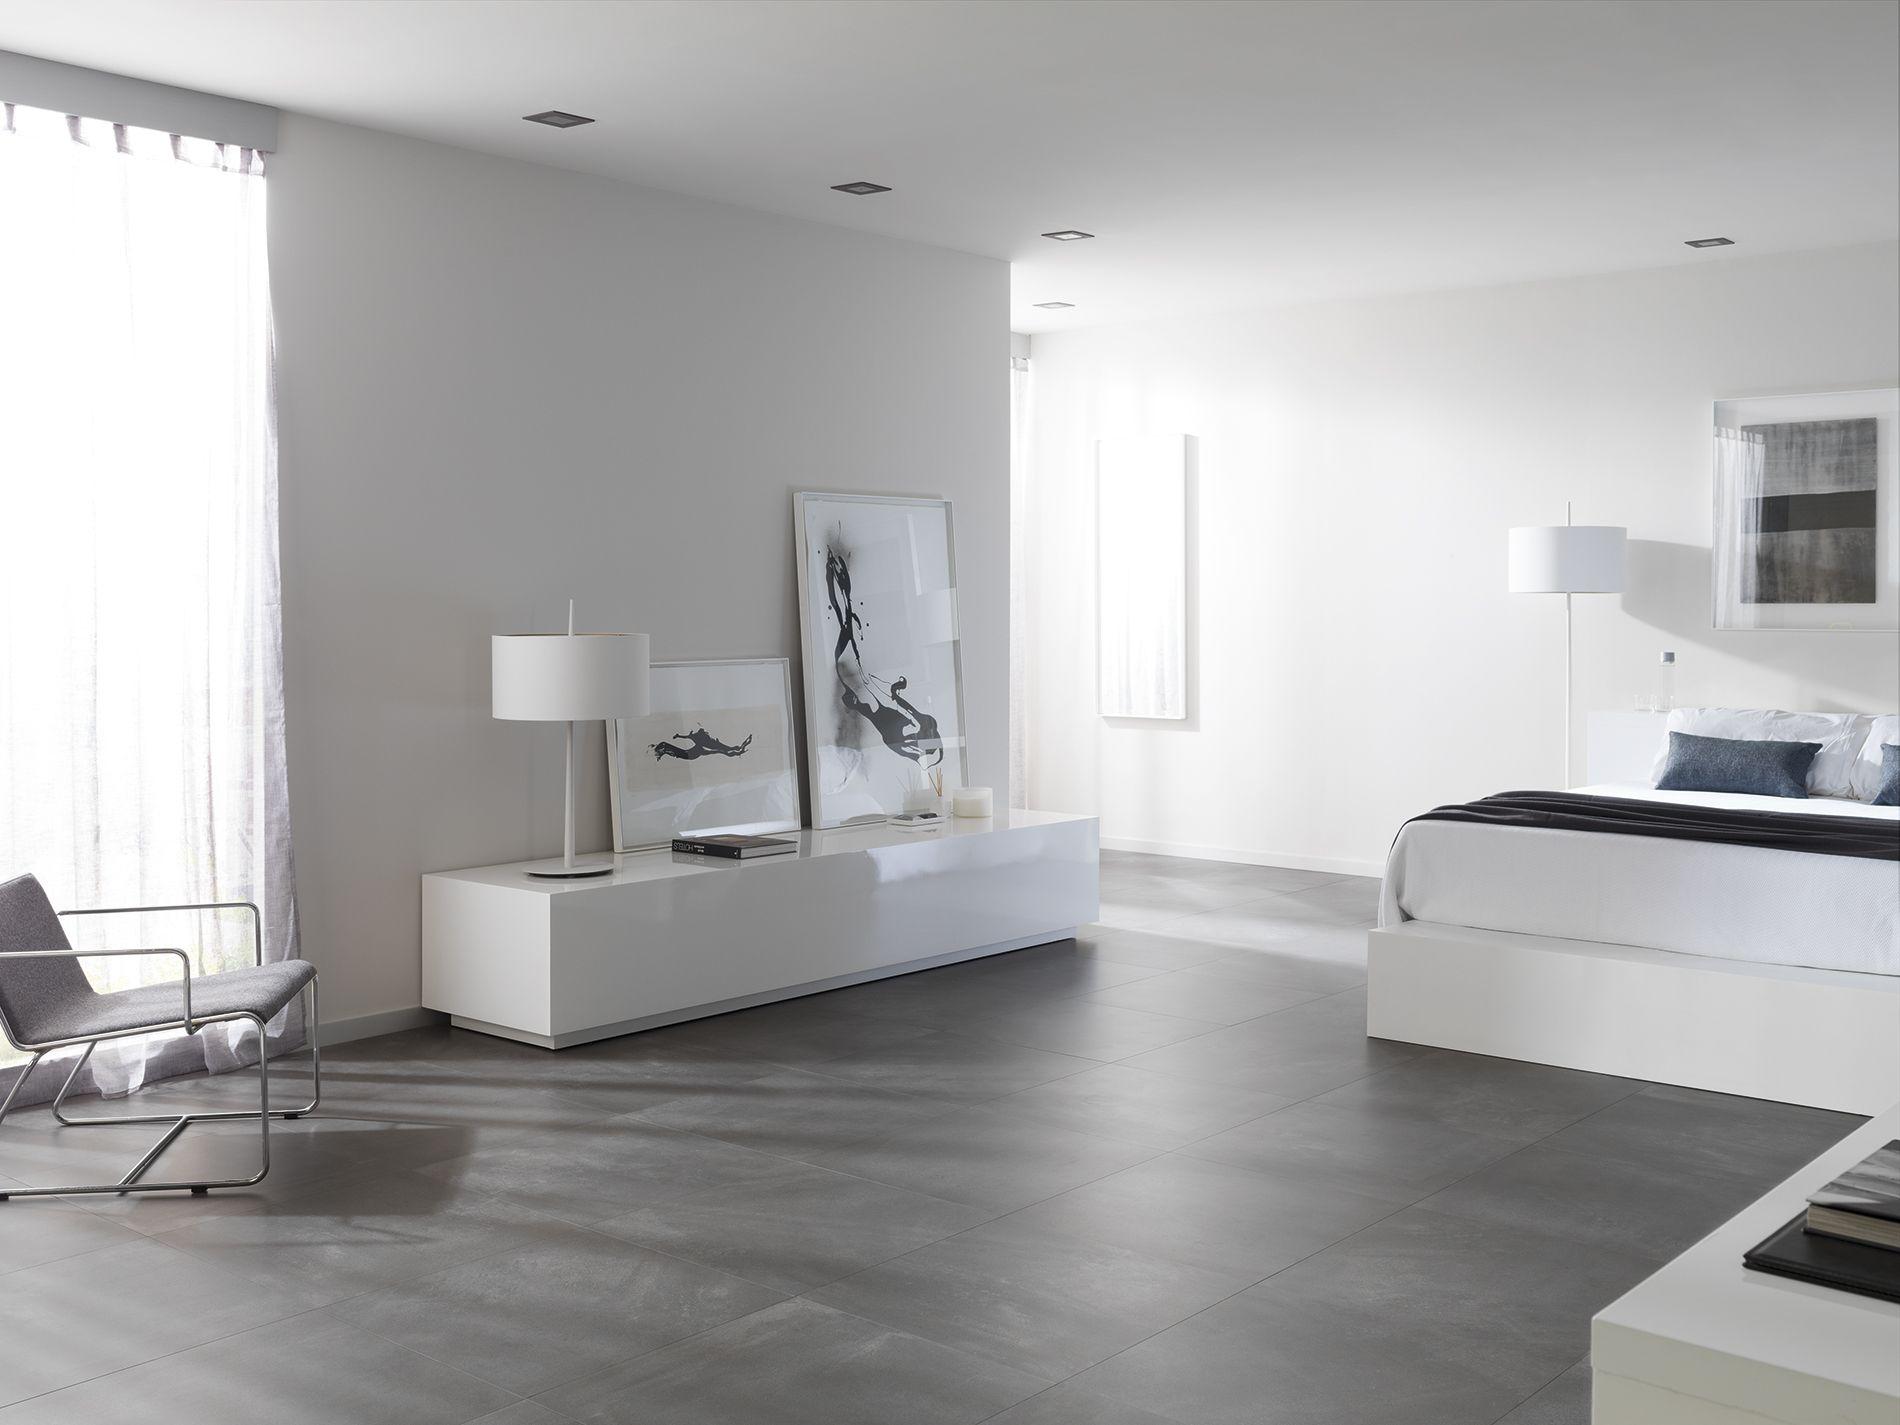 El Estilo Industrial Del Cemento En El Gres Porcelanico Core De Urbatek Porcelanosa Grupo Industrial Arquitectura Interiorism Floor Grey Contrac Boden